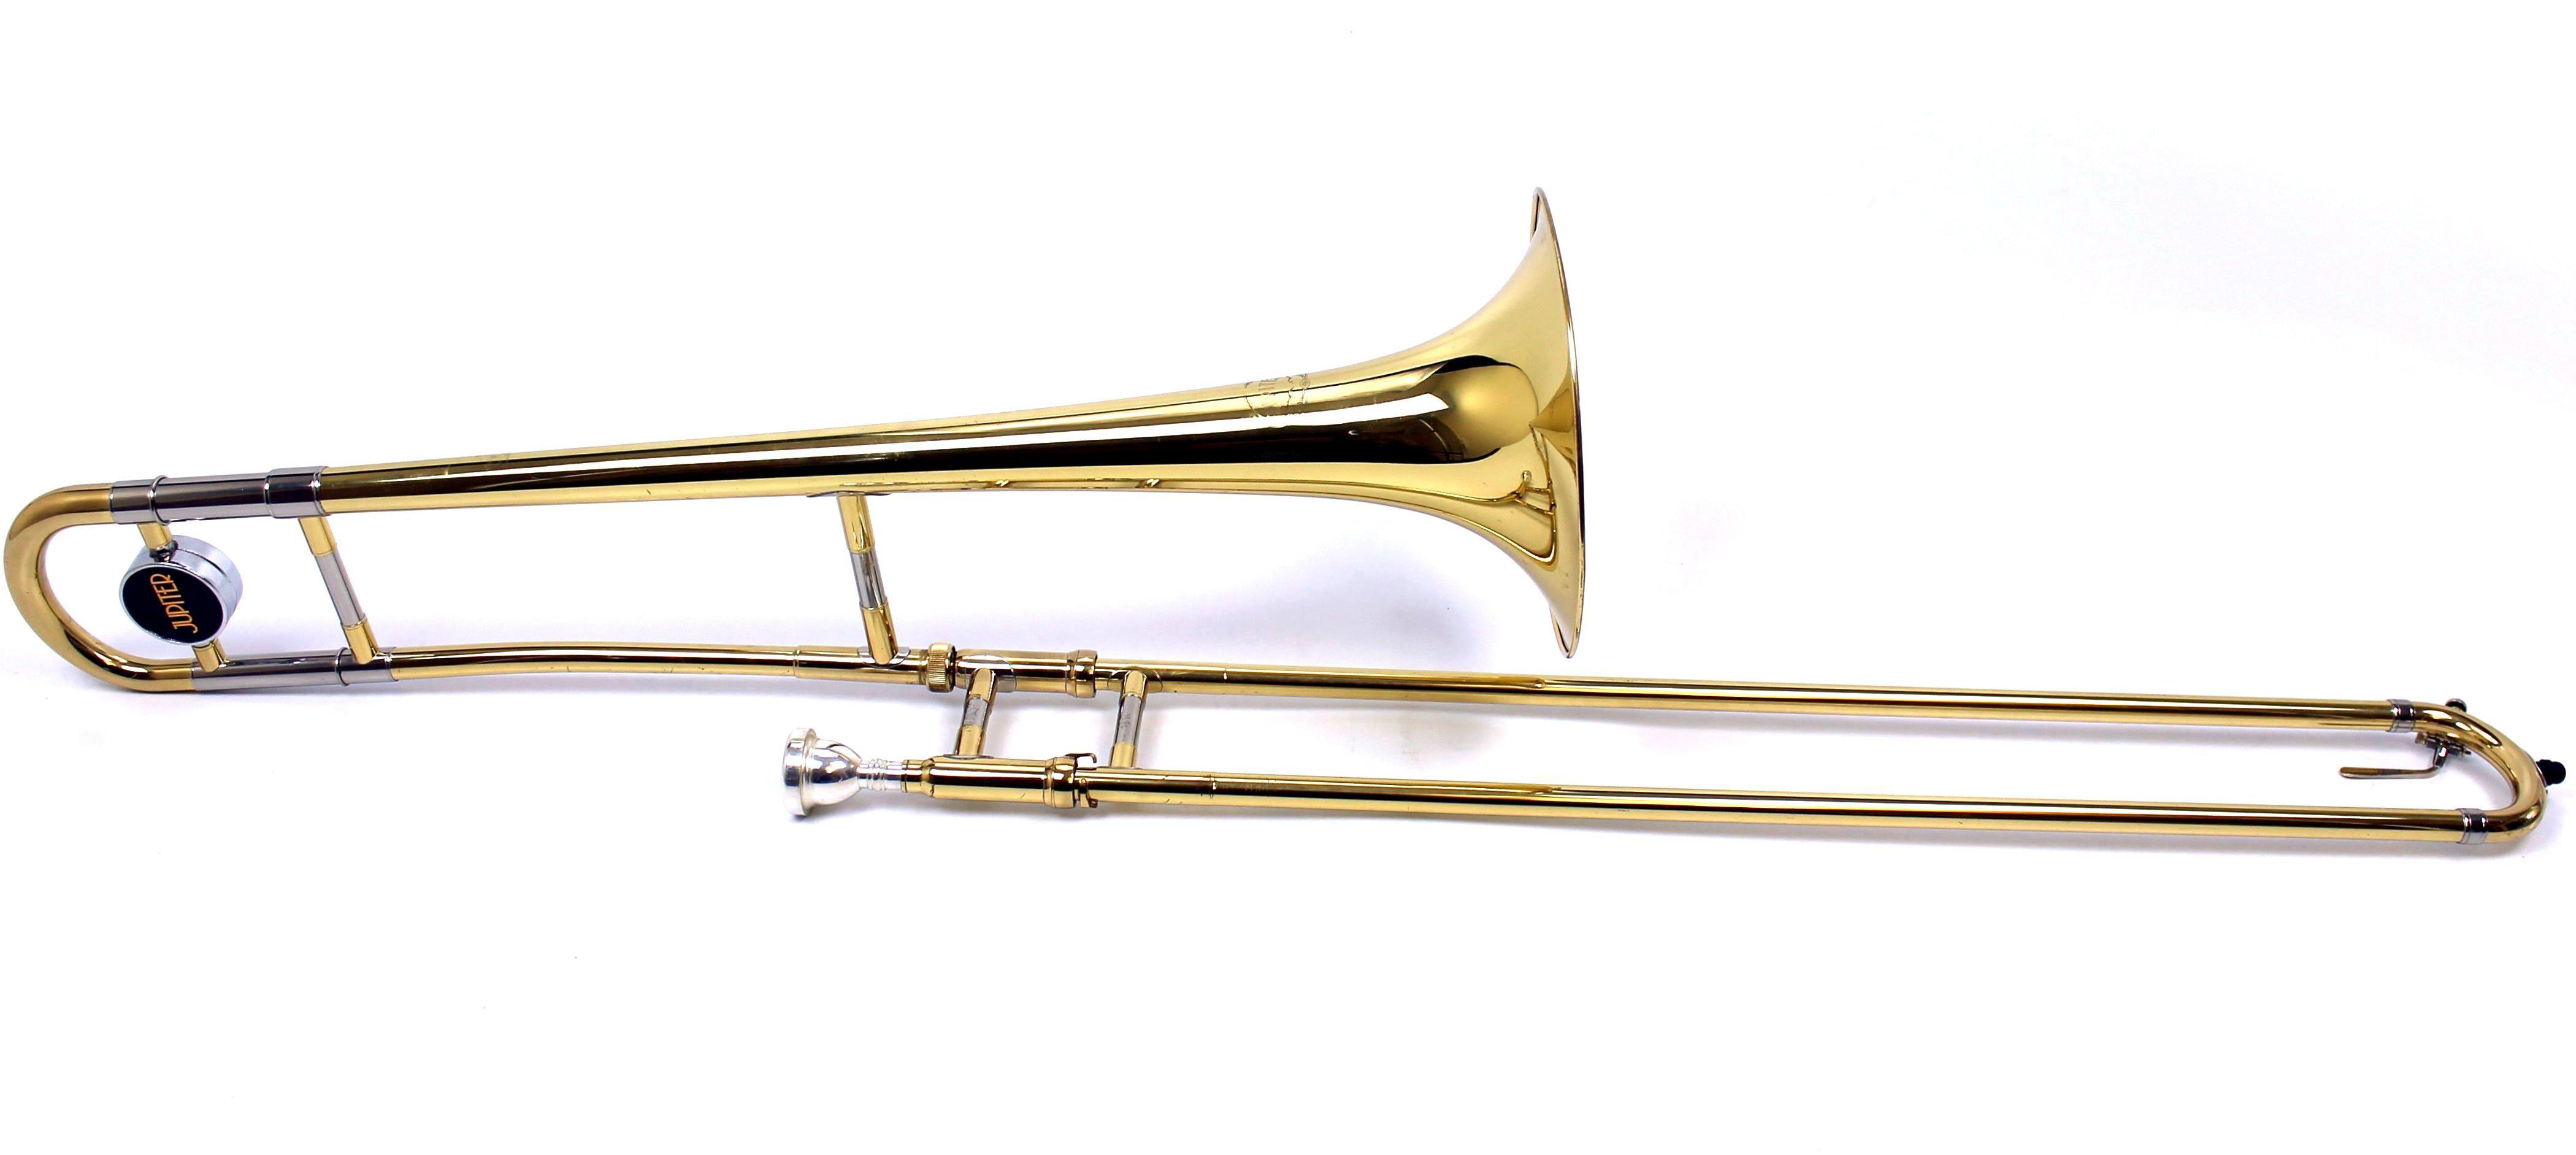 Jupiter JSL-332 Beginner's Student Trombone w/ Hard Case